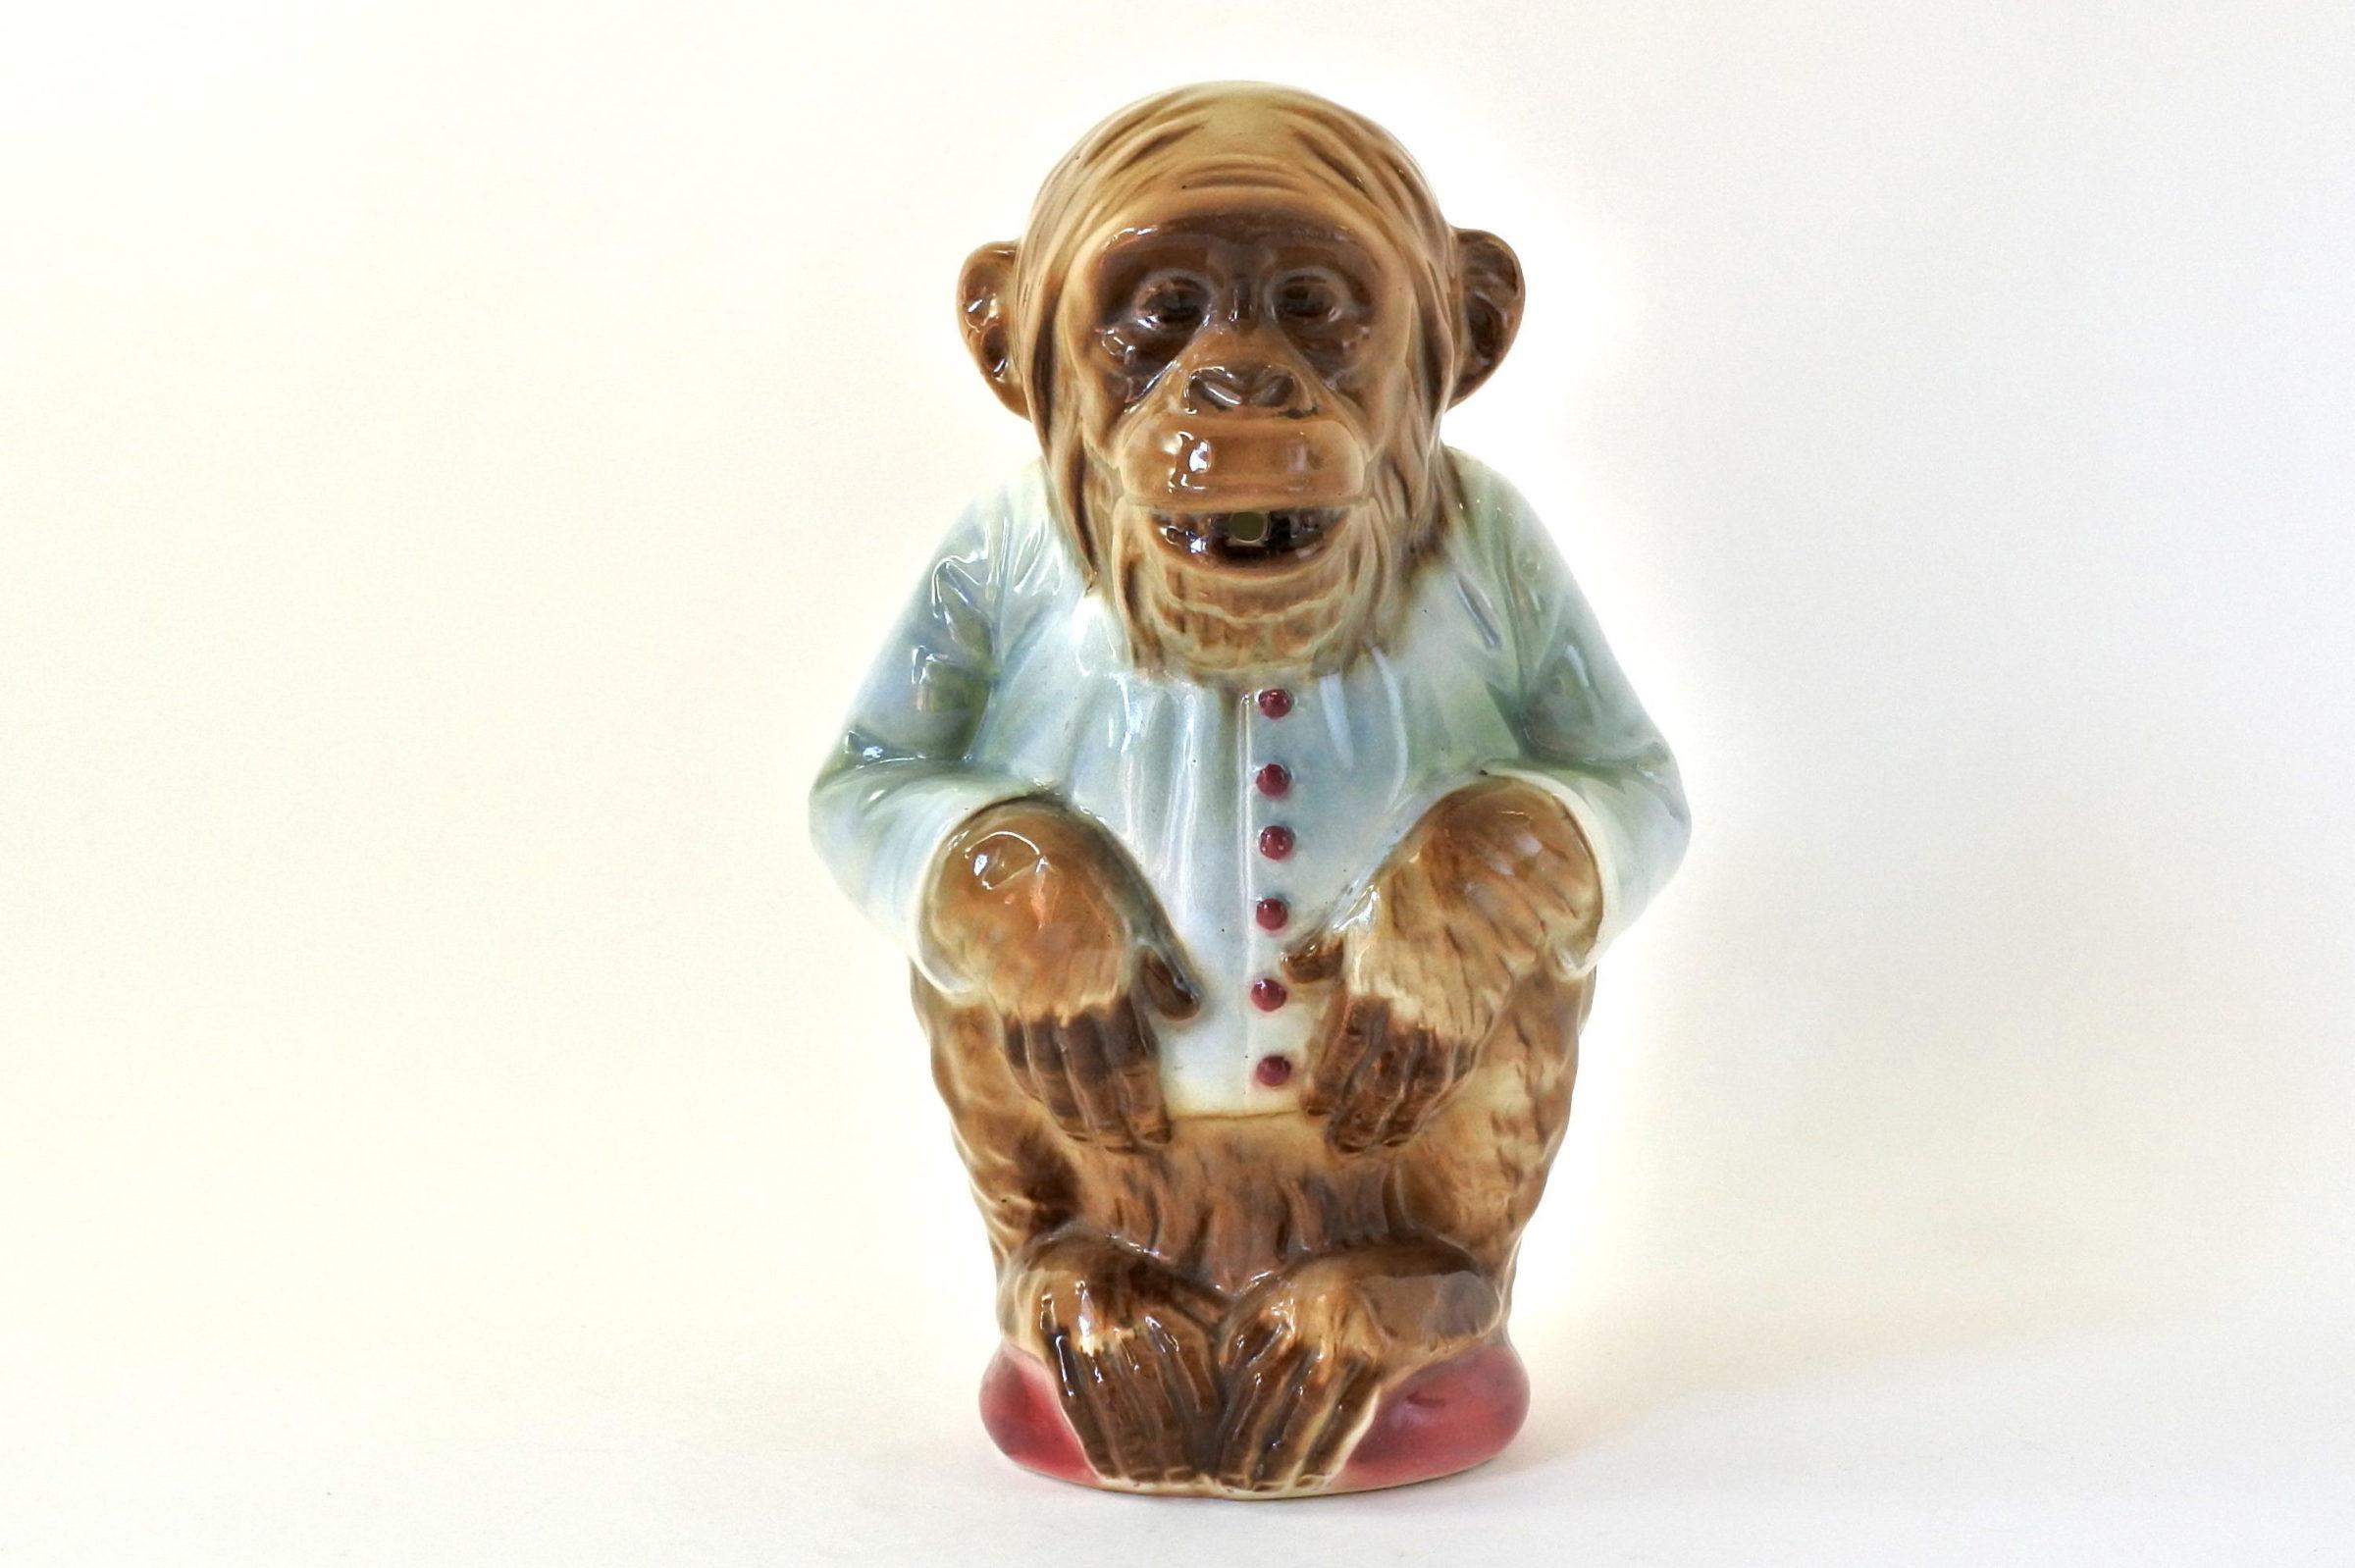 Brocca in ceramica barbotine con forma di scimmia - Saint Clément n° 435 - 5